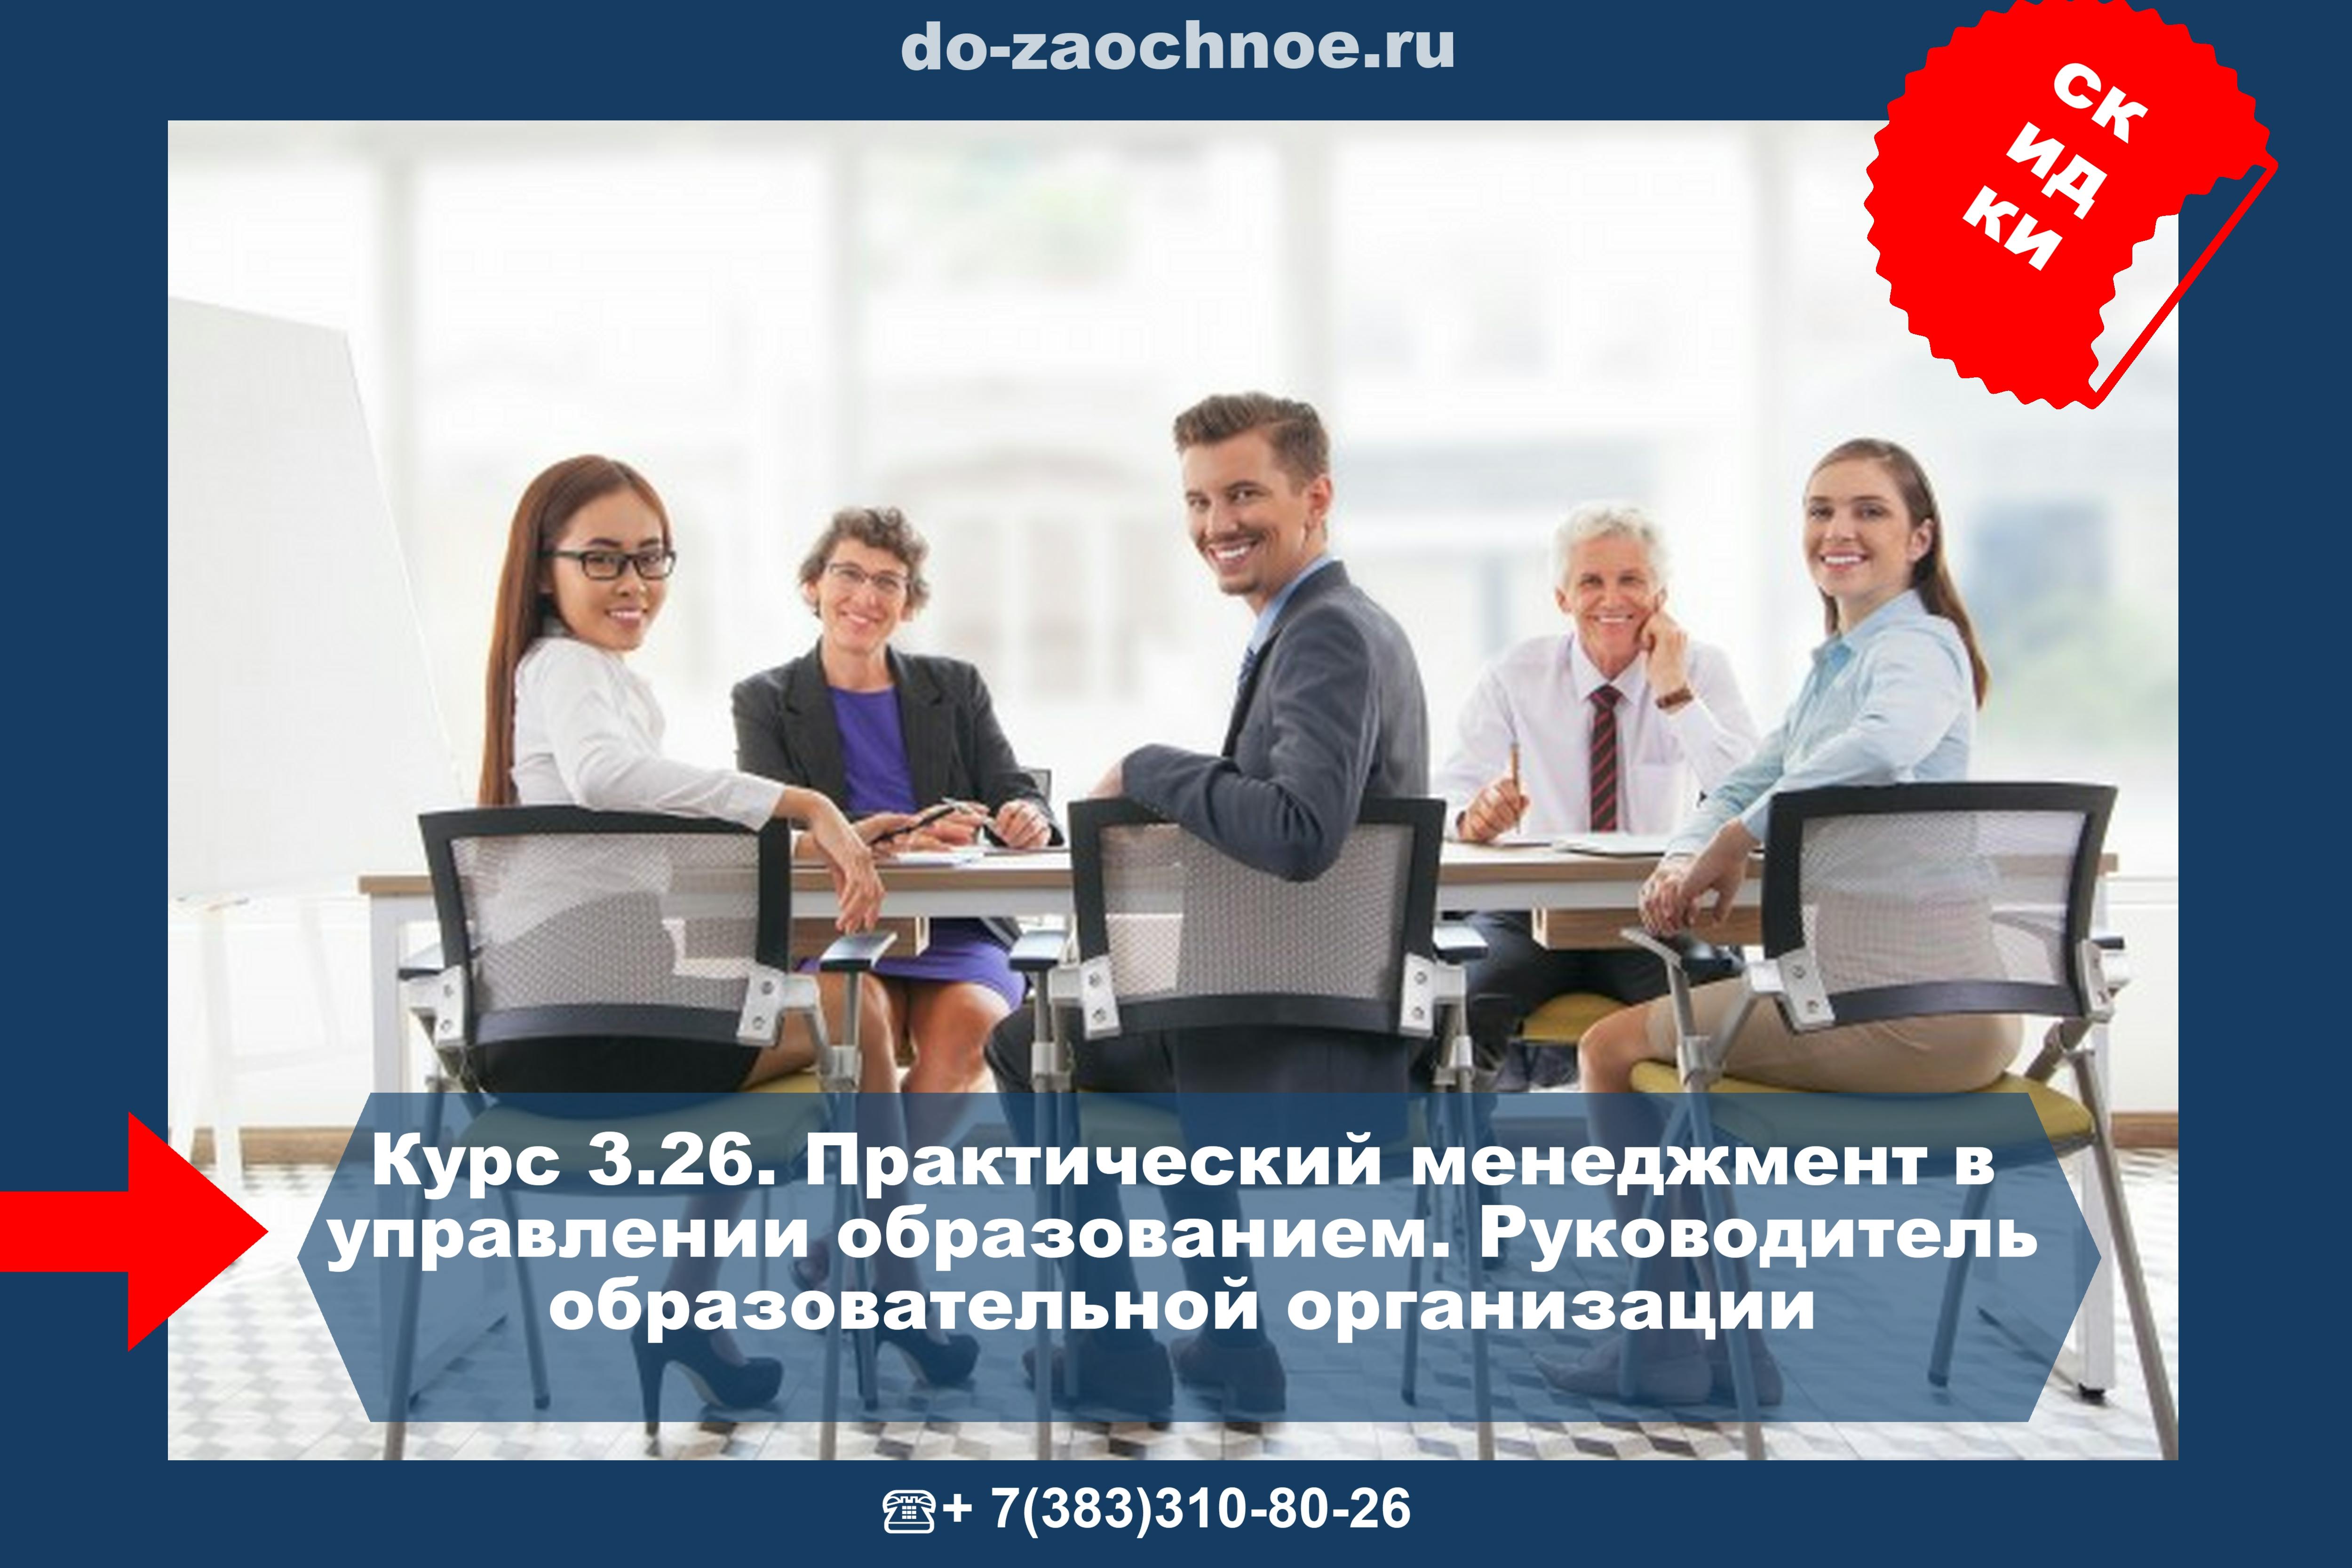 Курс 3.26. Практический менеджмент в управлении образованием. Руководитель образовательной организации